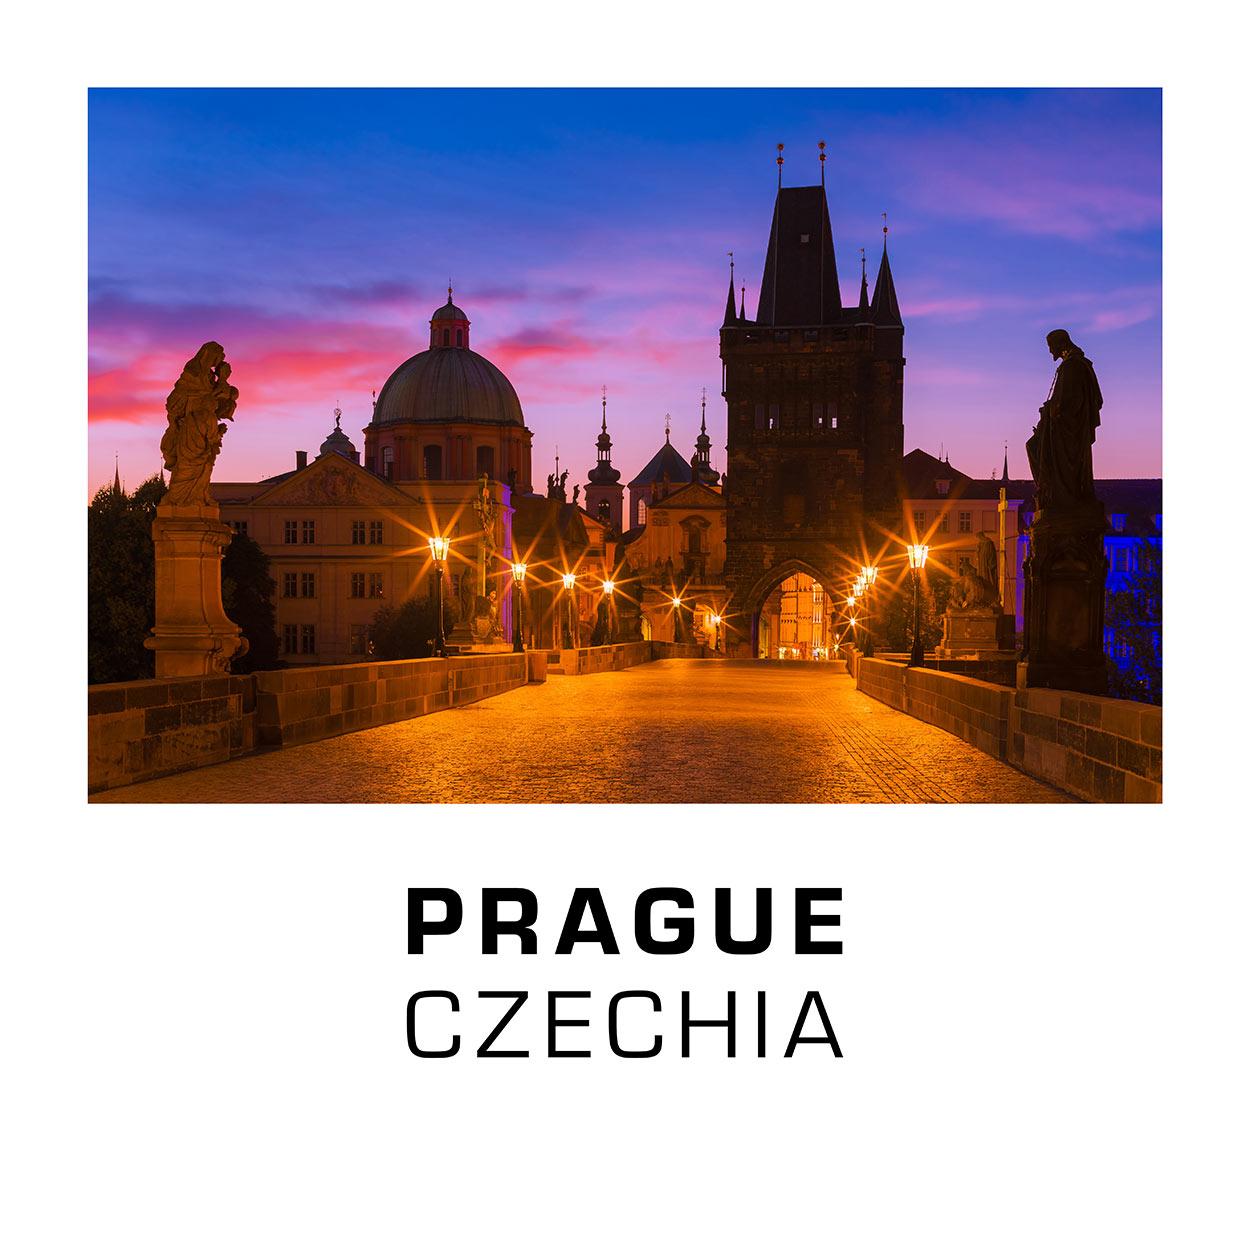 Prague, Czechia - Charles Bridge at Night